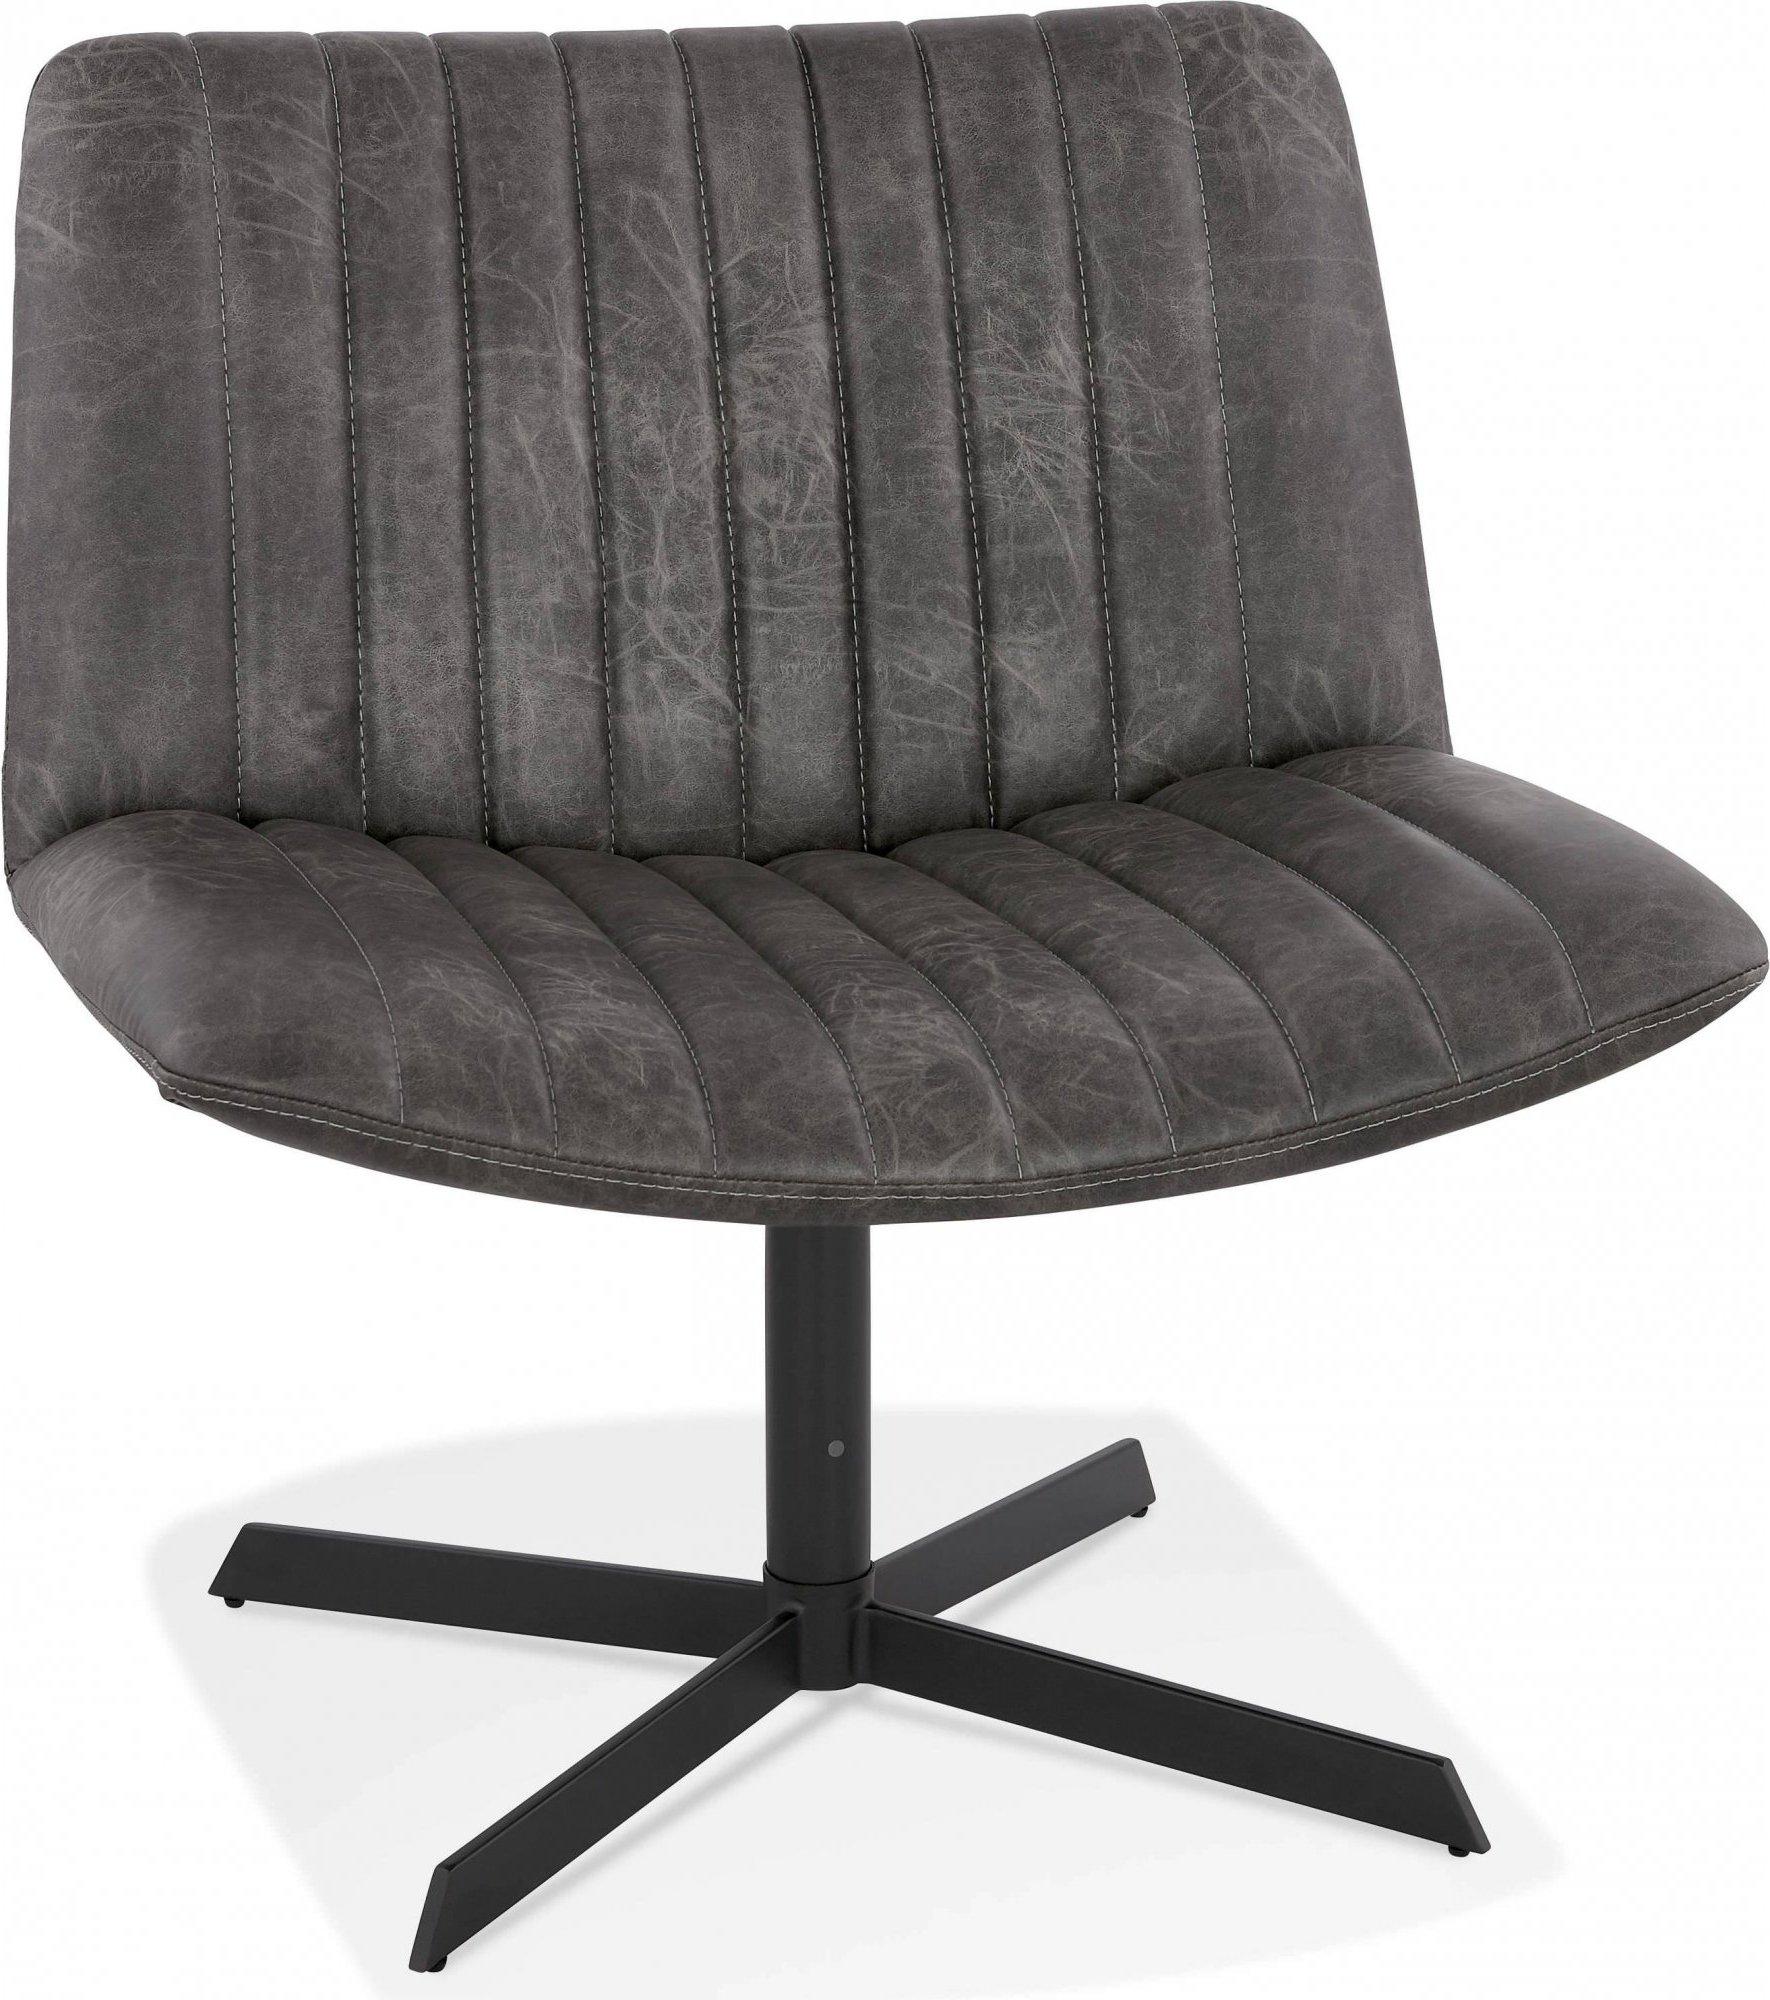 Fauteuil xxl rotation 360° couleur gris